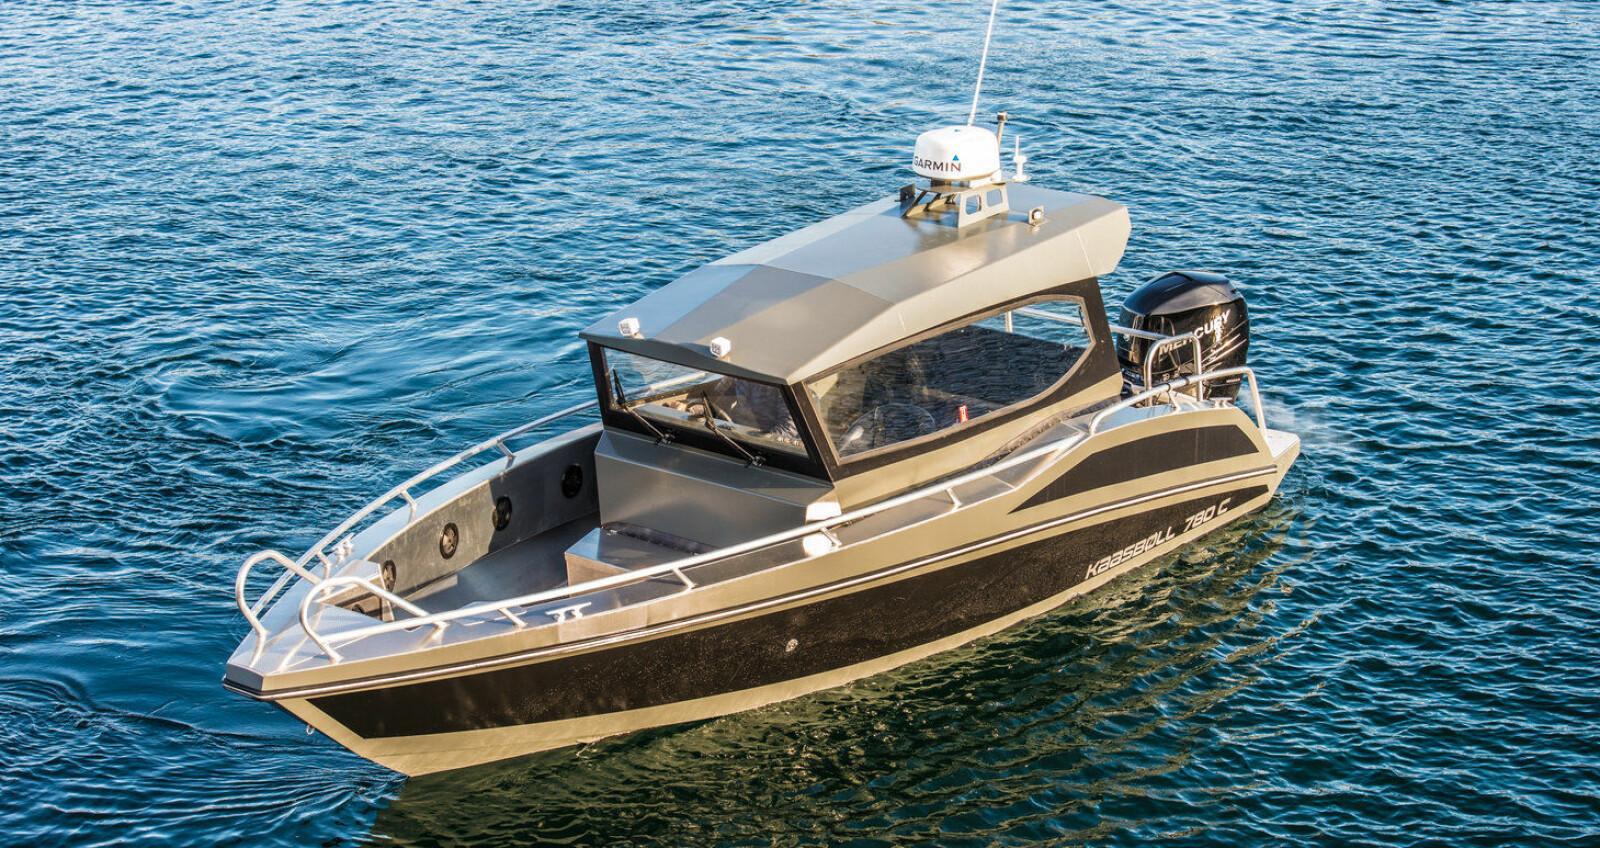 <b>FART:</b> Både i linjer og spesifikasjoner oser det fart av denne båten.